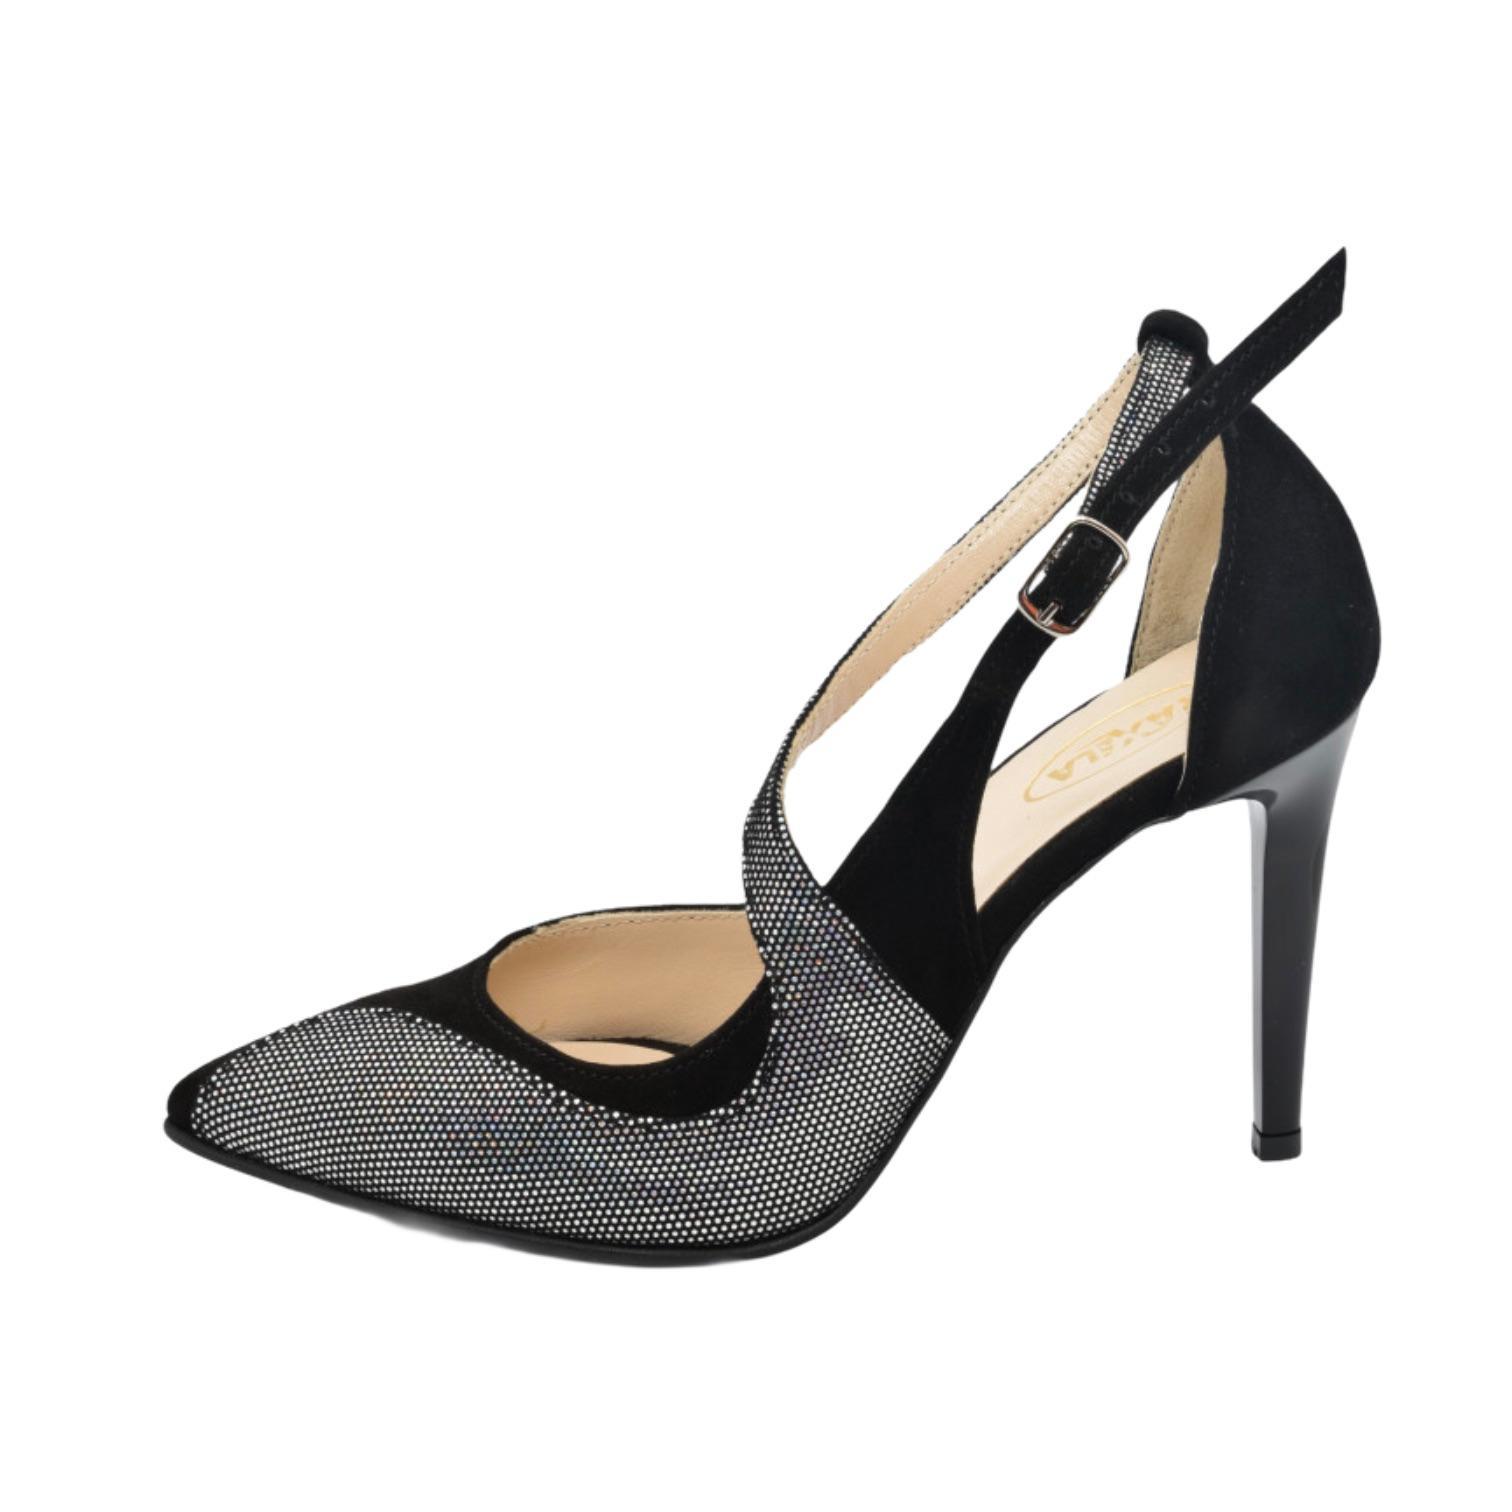 Pantofi decupati negri combinati cu piele argintie